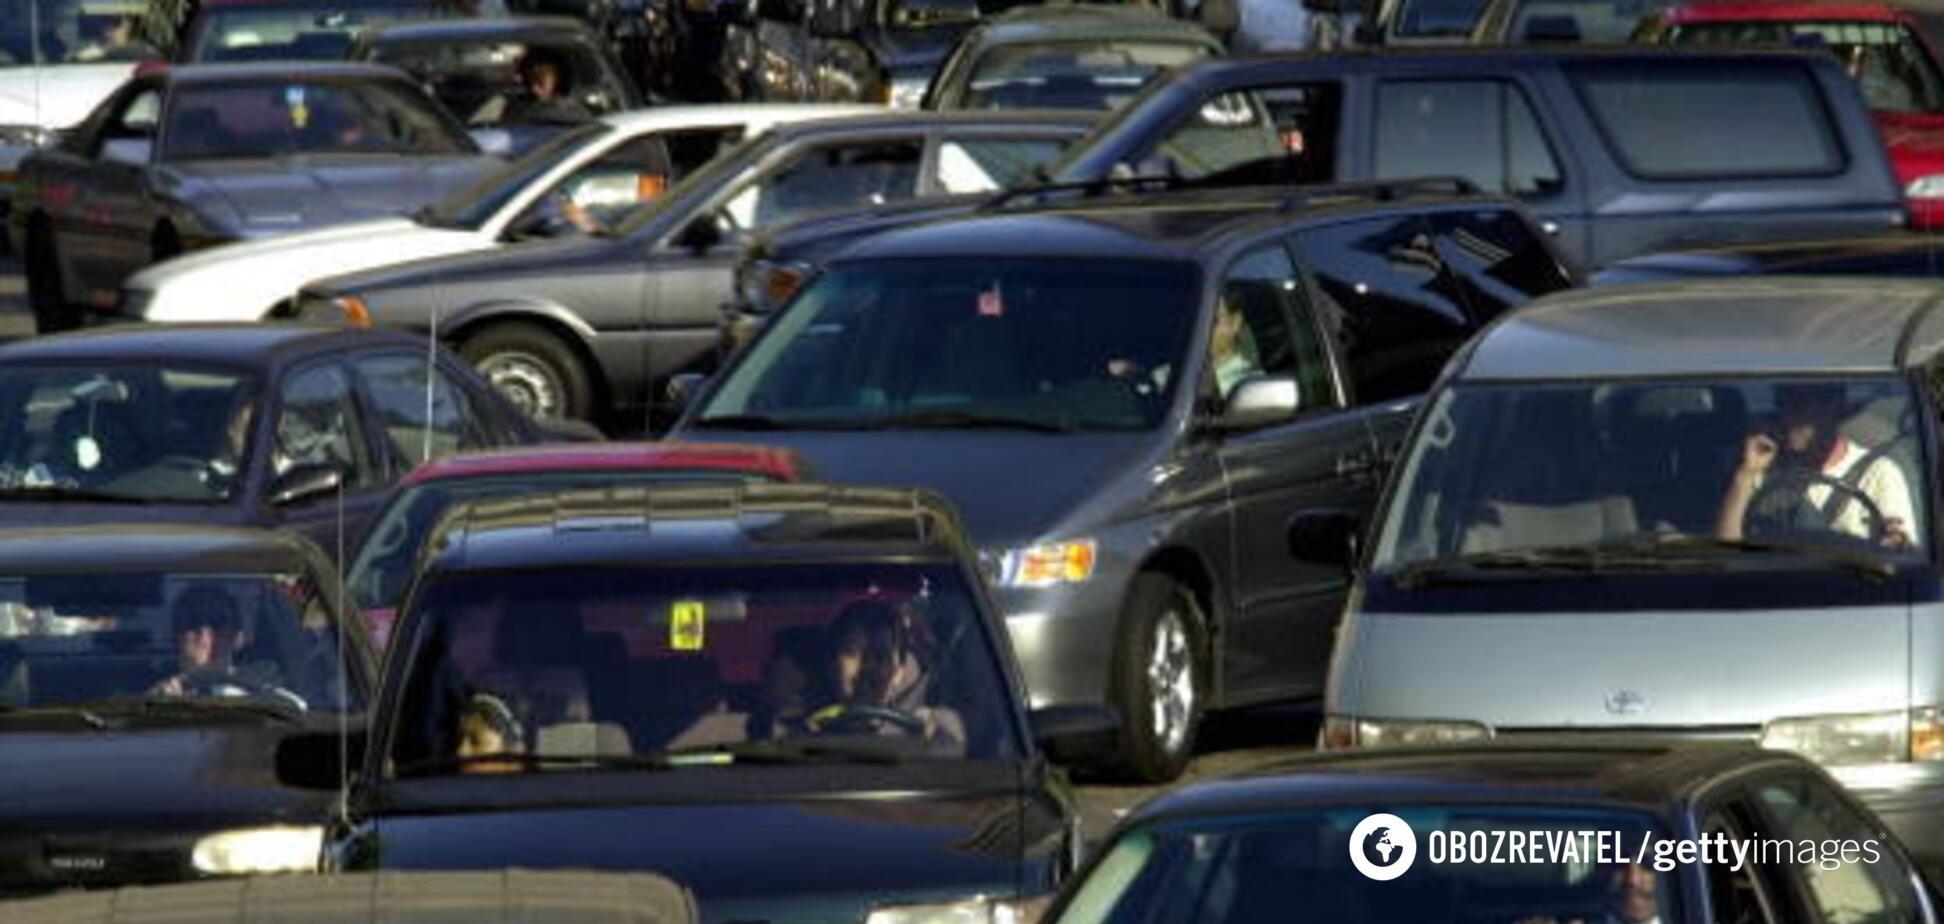 Затори на дорогах: Києву запропонували вирішення проблеми